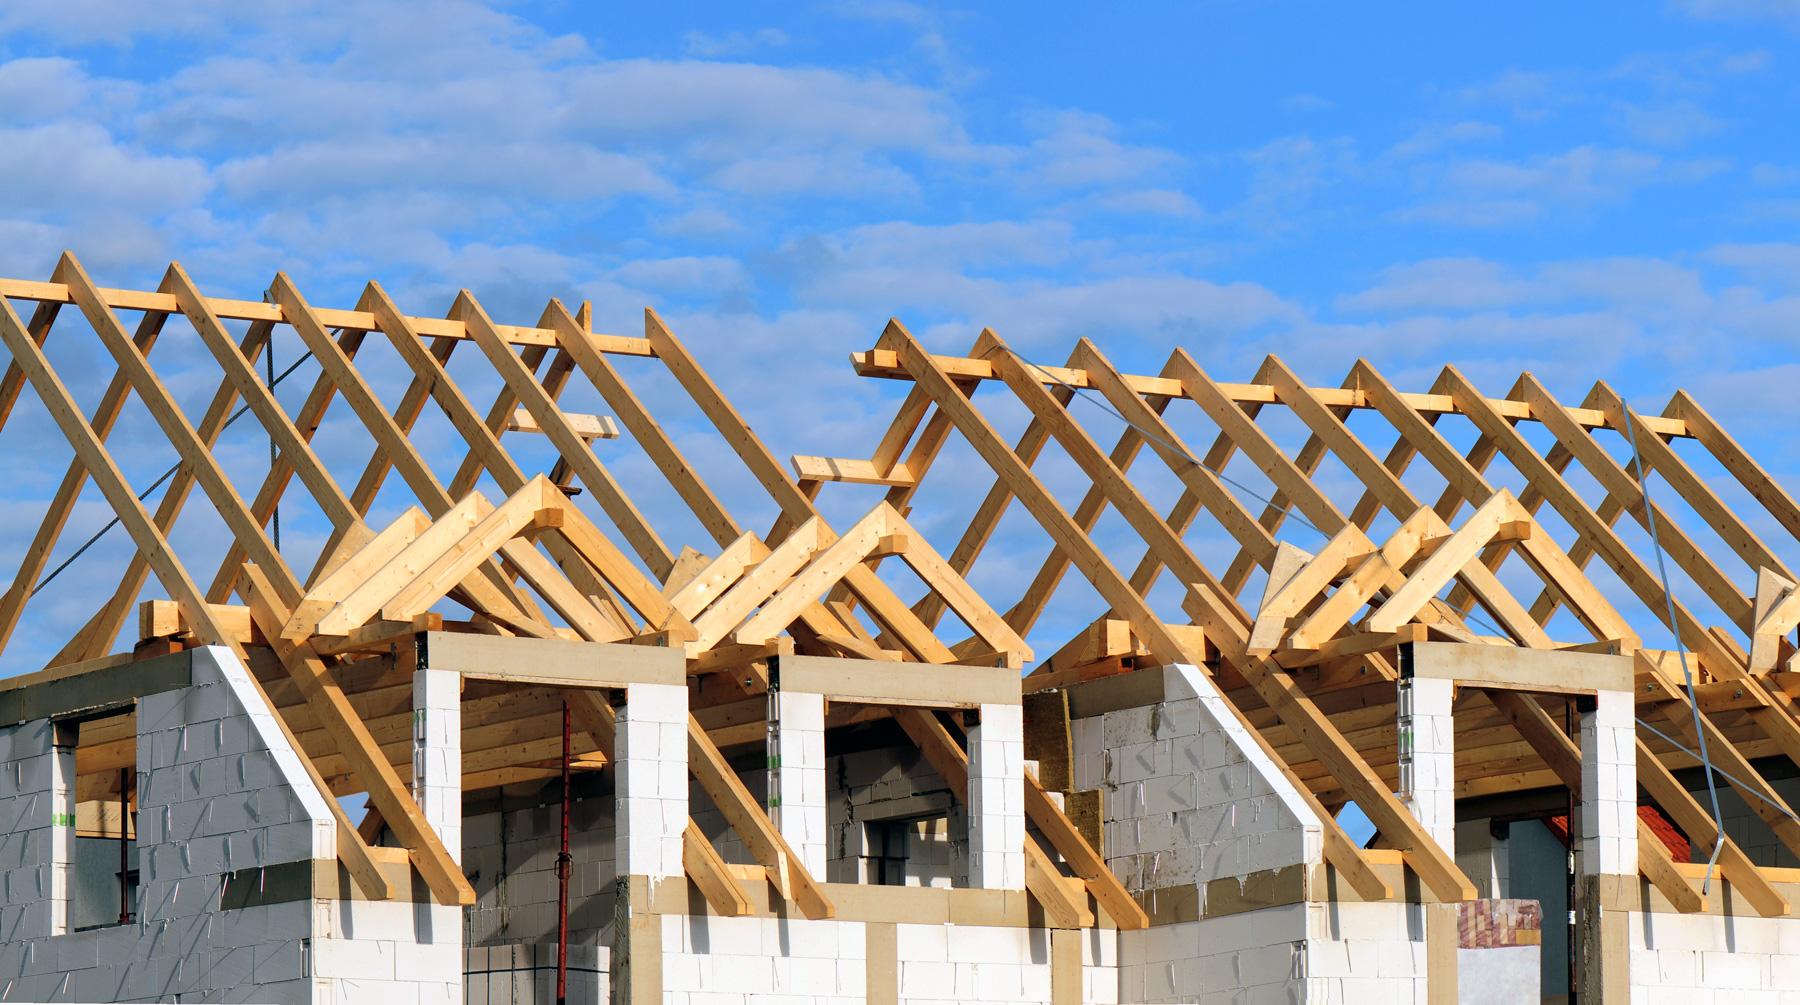 contrat de construction de maison individuelle impossibilit de d finir contractuellement les. Black Bedroom Furniture Sets. Home Design Ideas